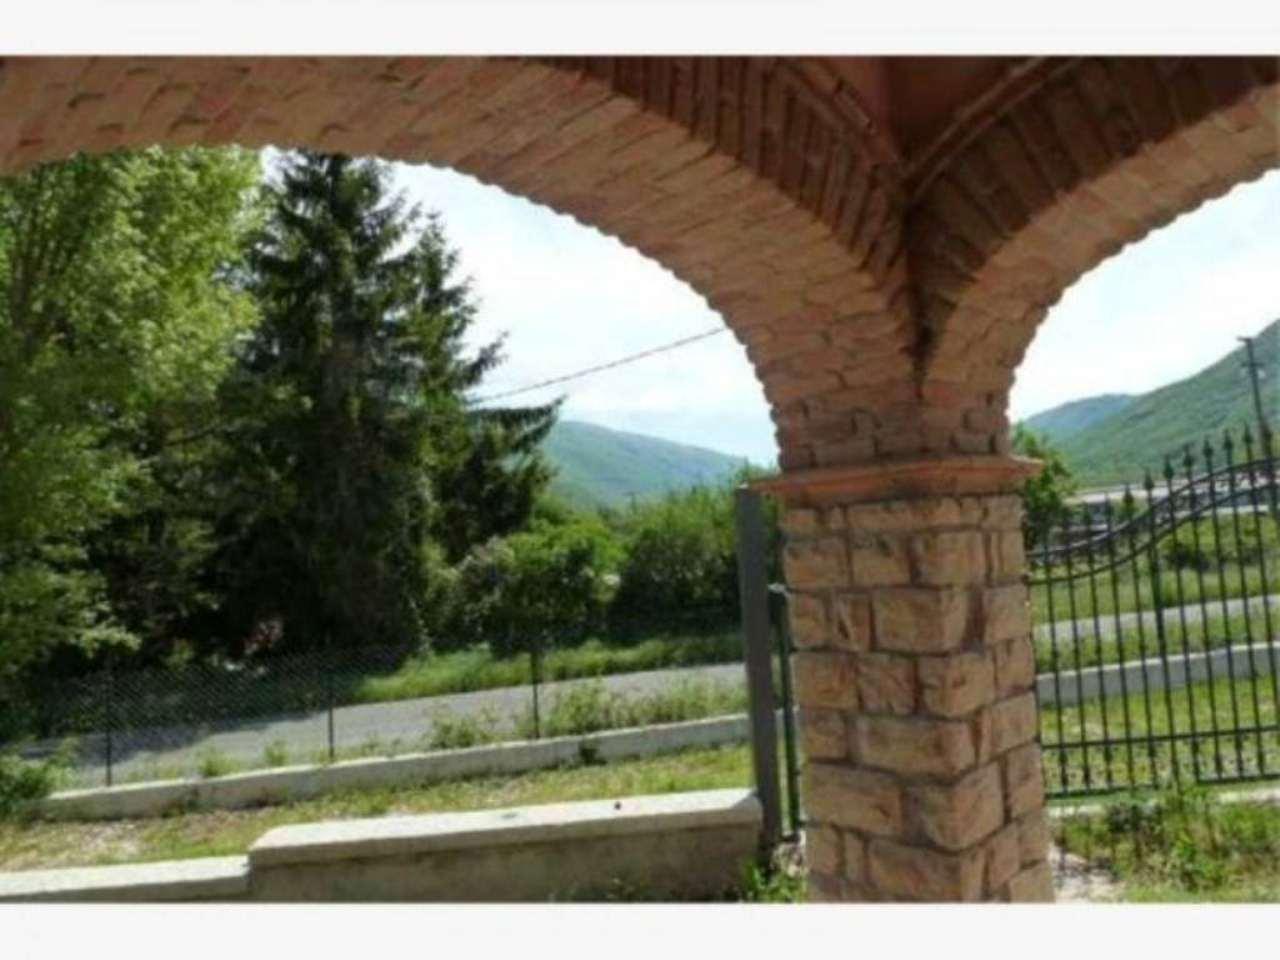 Rocca di Botte Vendita APPARTAMENTO Immagine 2